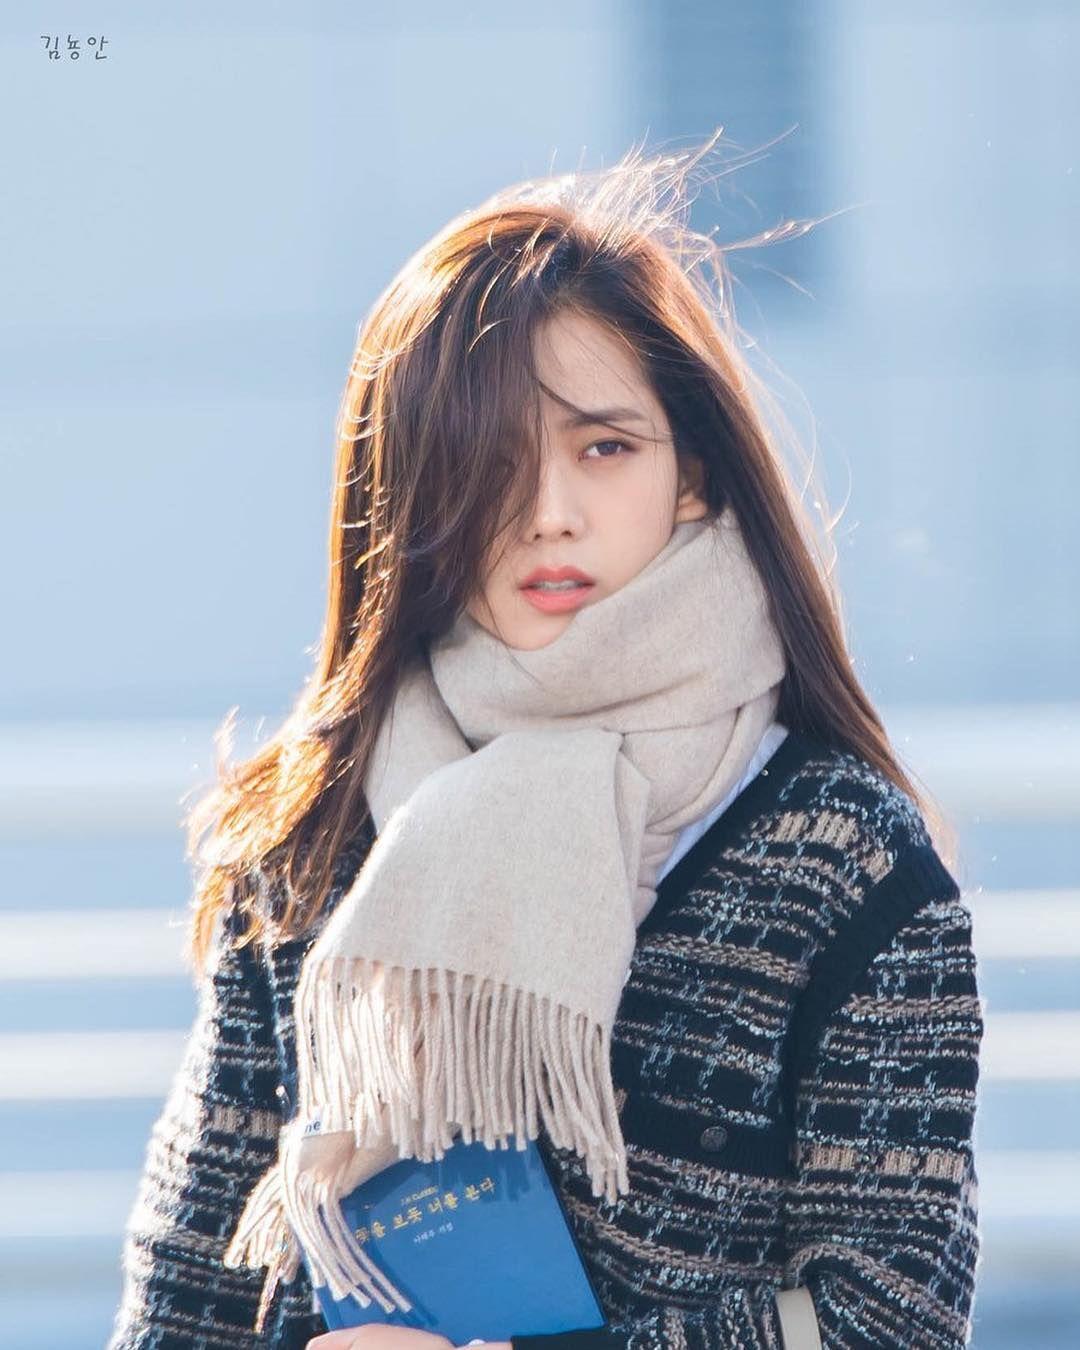 Jisoo có một điểm tuyệt phẩm ít người để ý nhưng lại giúp cô luôn đẹp như nữ chính ngôn tình tại sân bay - Ảnh 2.